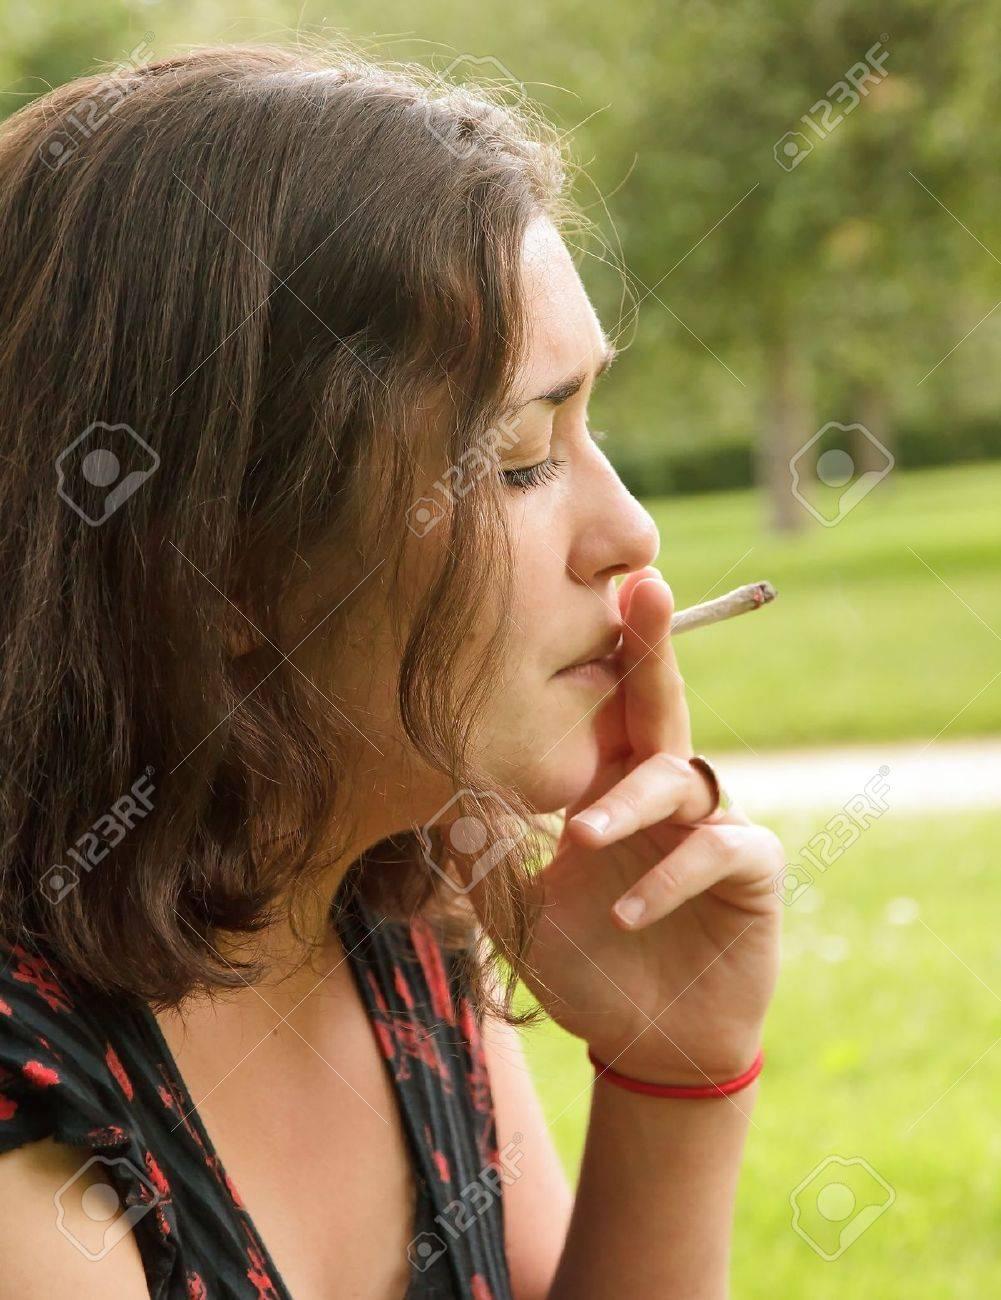 jeune femme fumant une cigarette roulée, côté portrait Banque d'images - 14191577